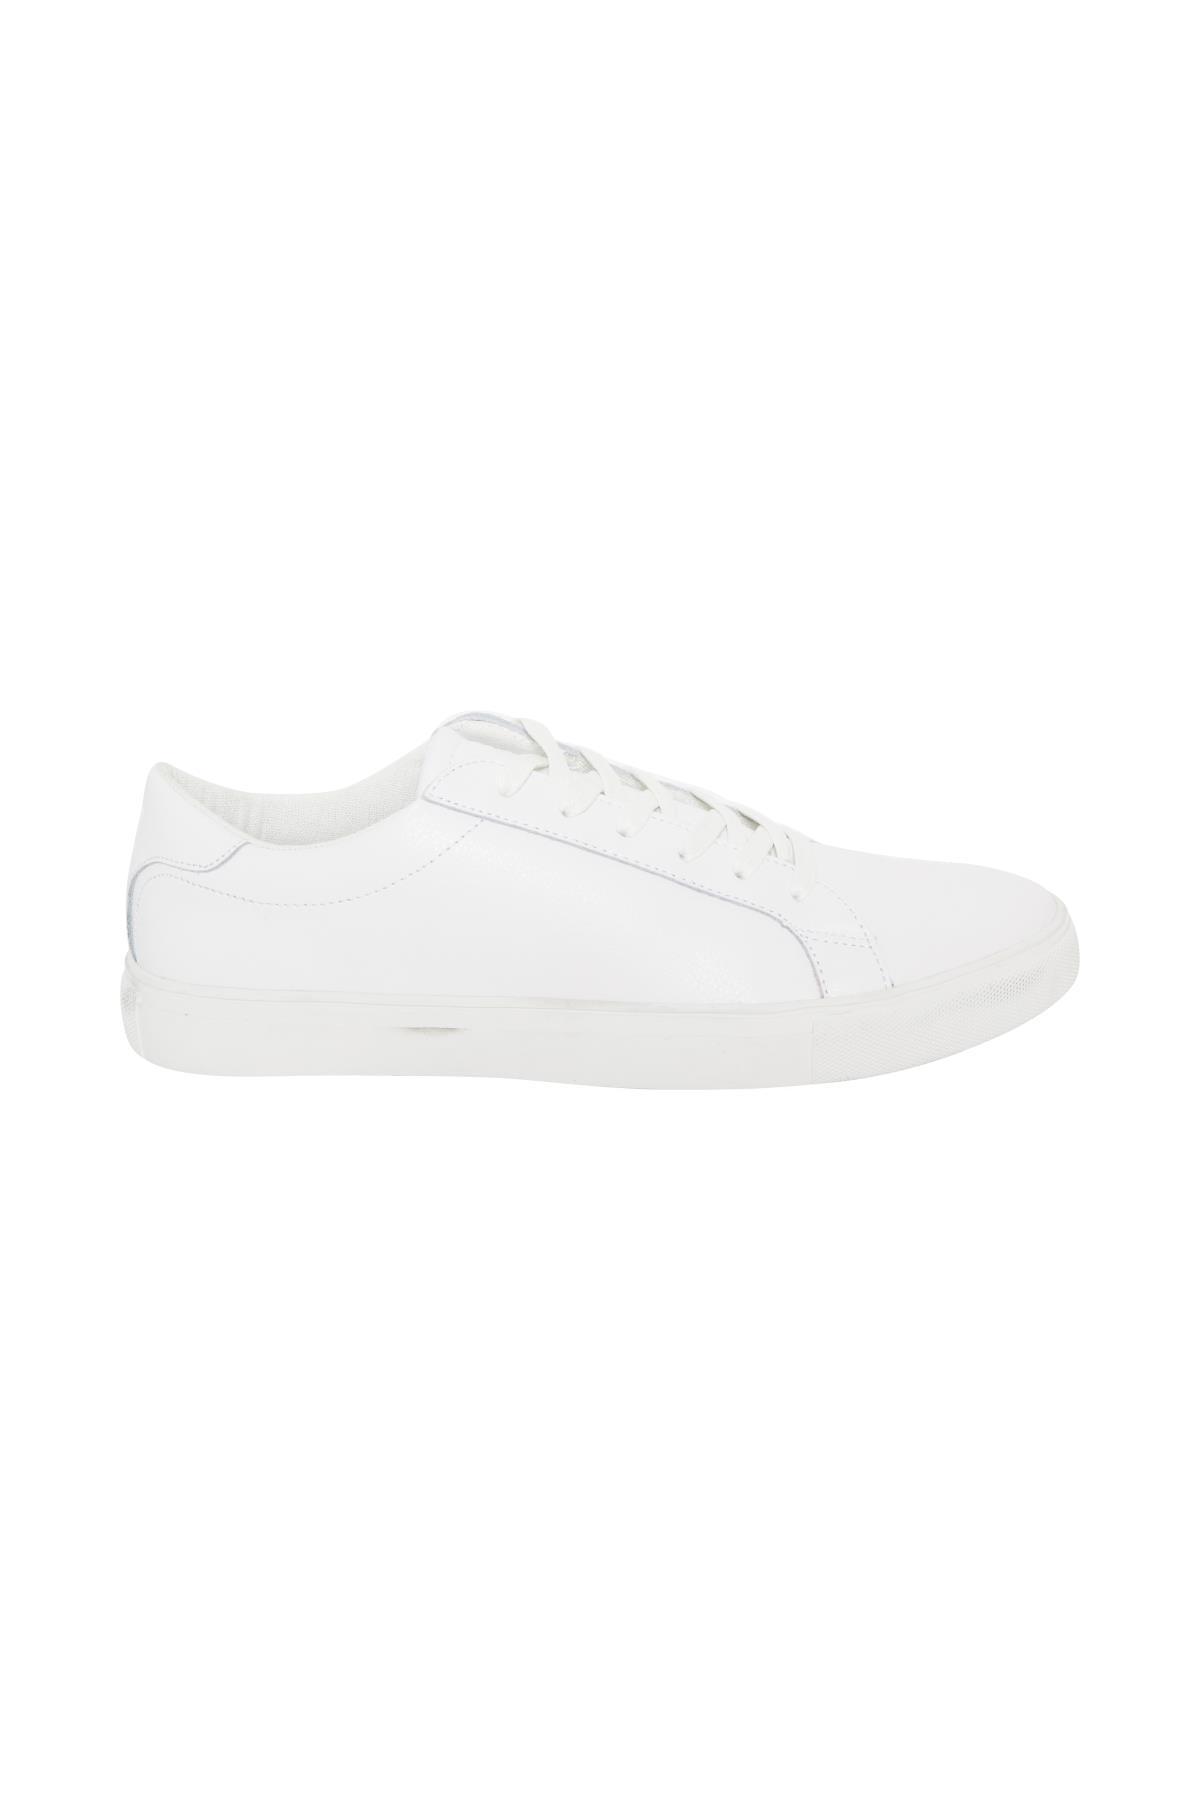 White Sko – Køb White Sko fra str. 40-46 her